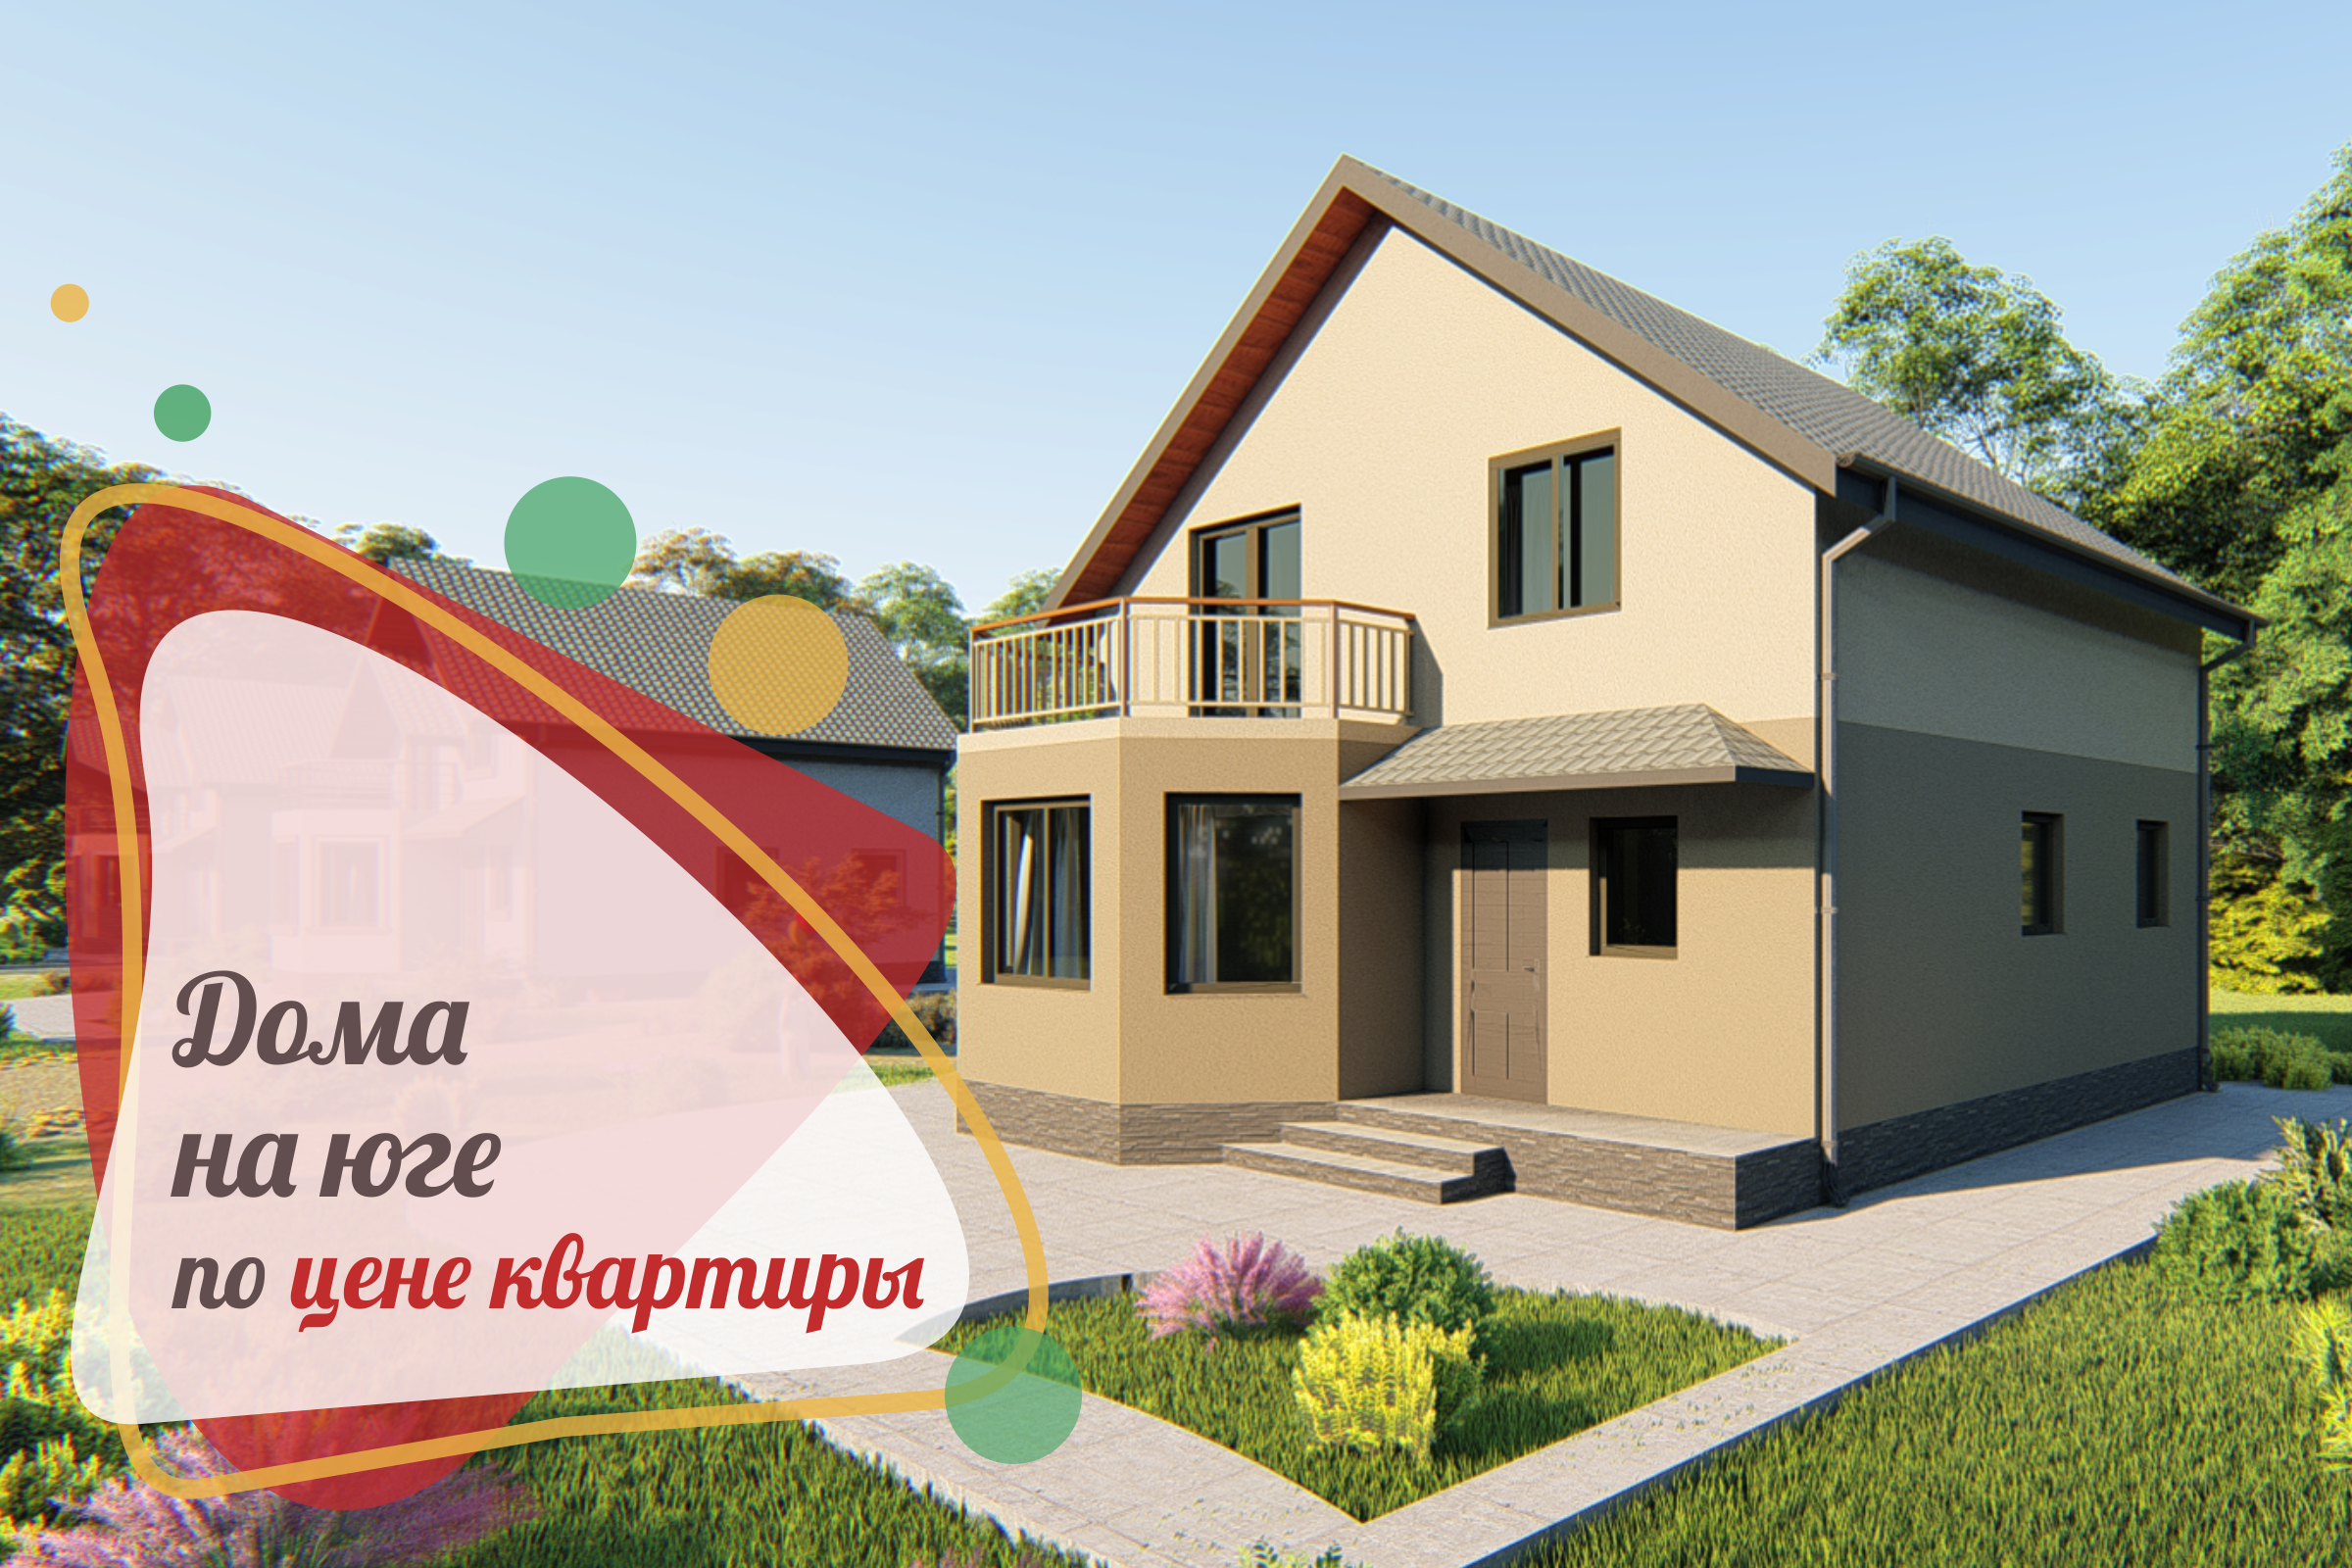 строительство дома в общем дворе